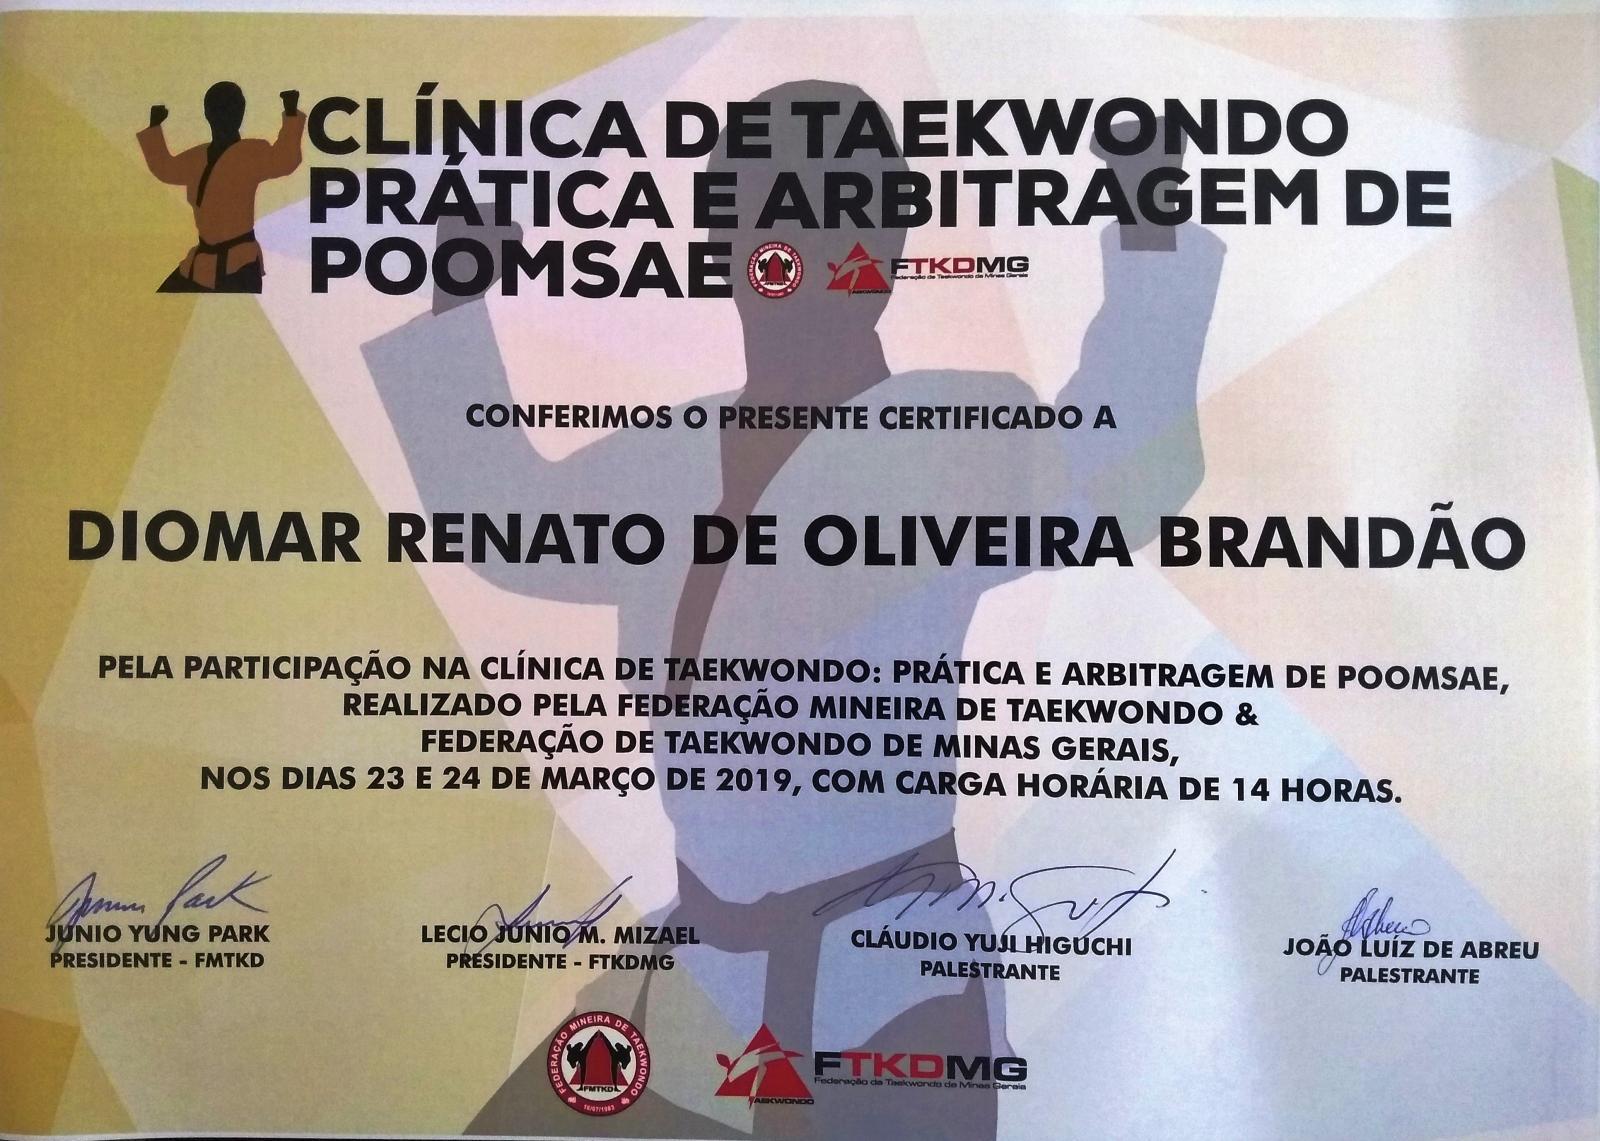 certificado%20clinica%20poomsae%202019%2